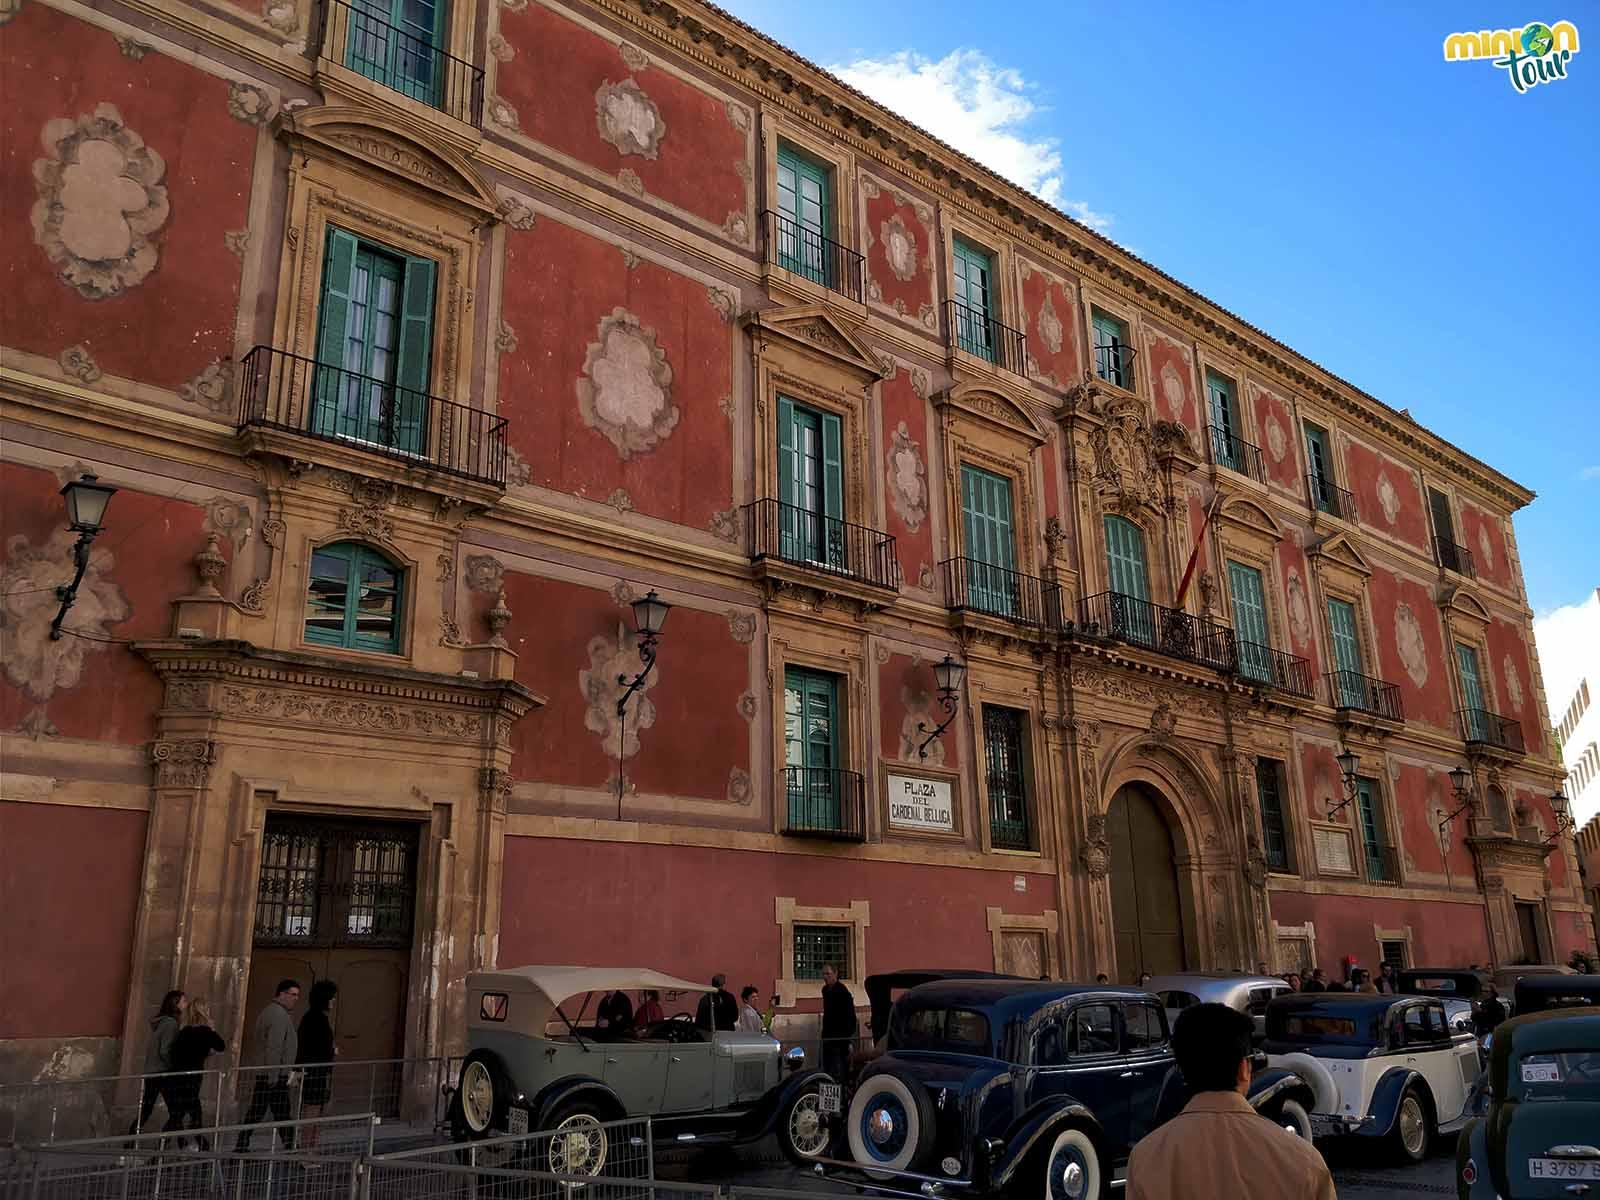 El Palacio Episcopal de Murcia